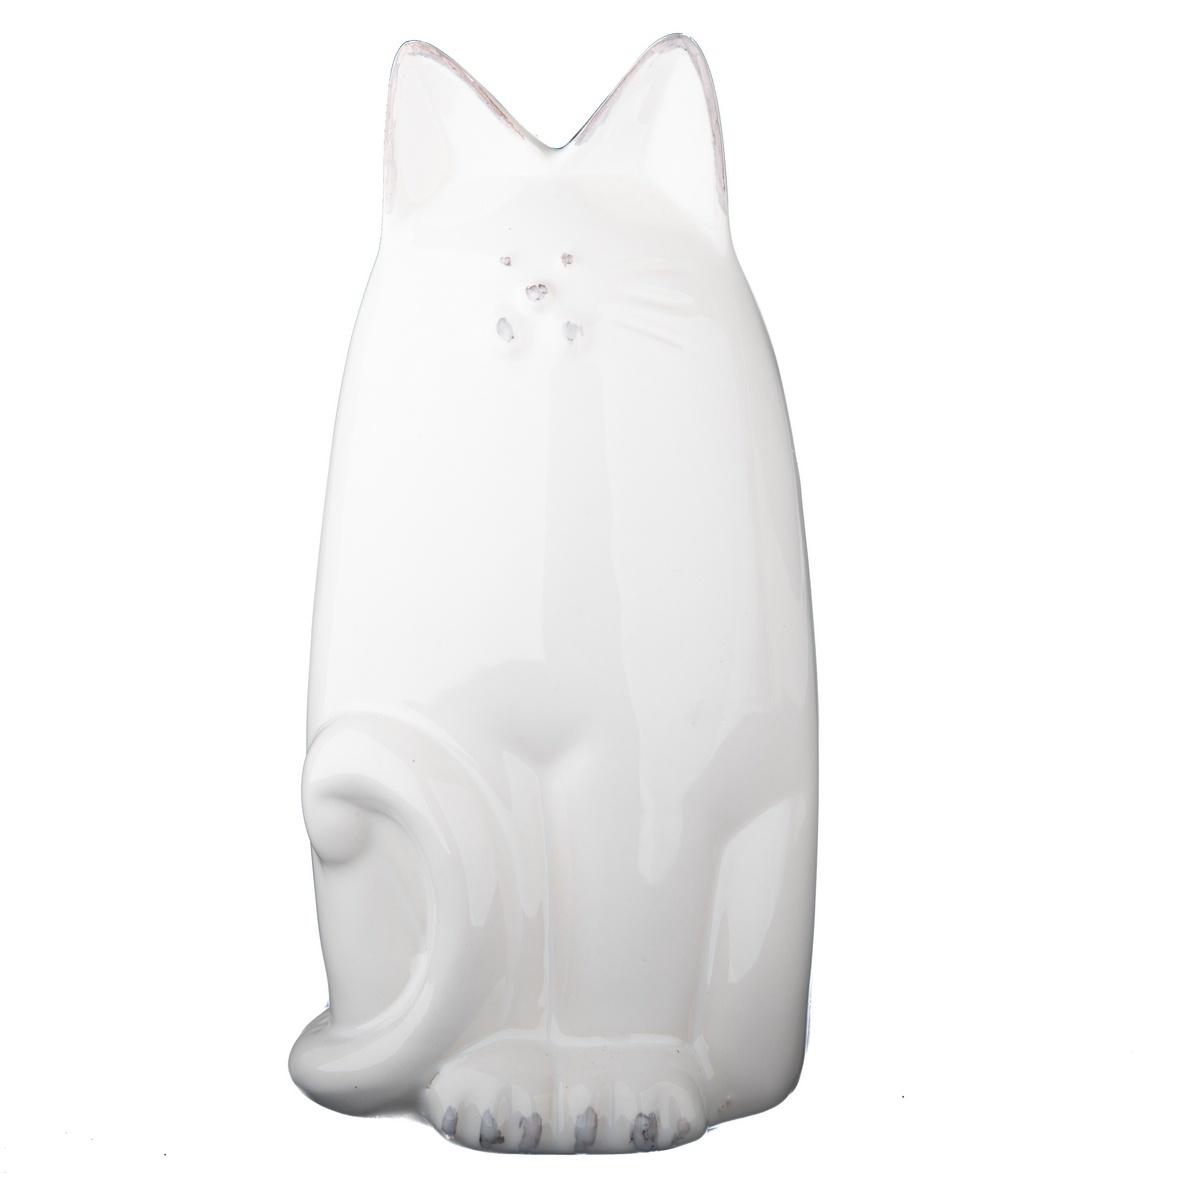 Keramická kasička kočka 19,5 cm, bílá